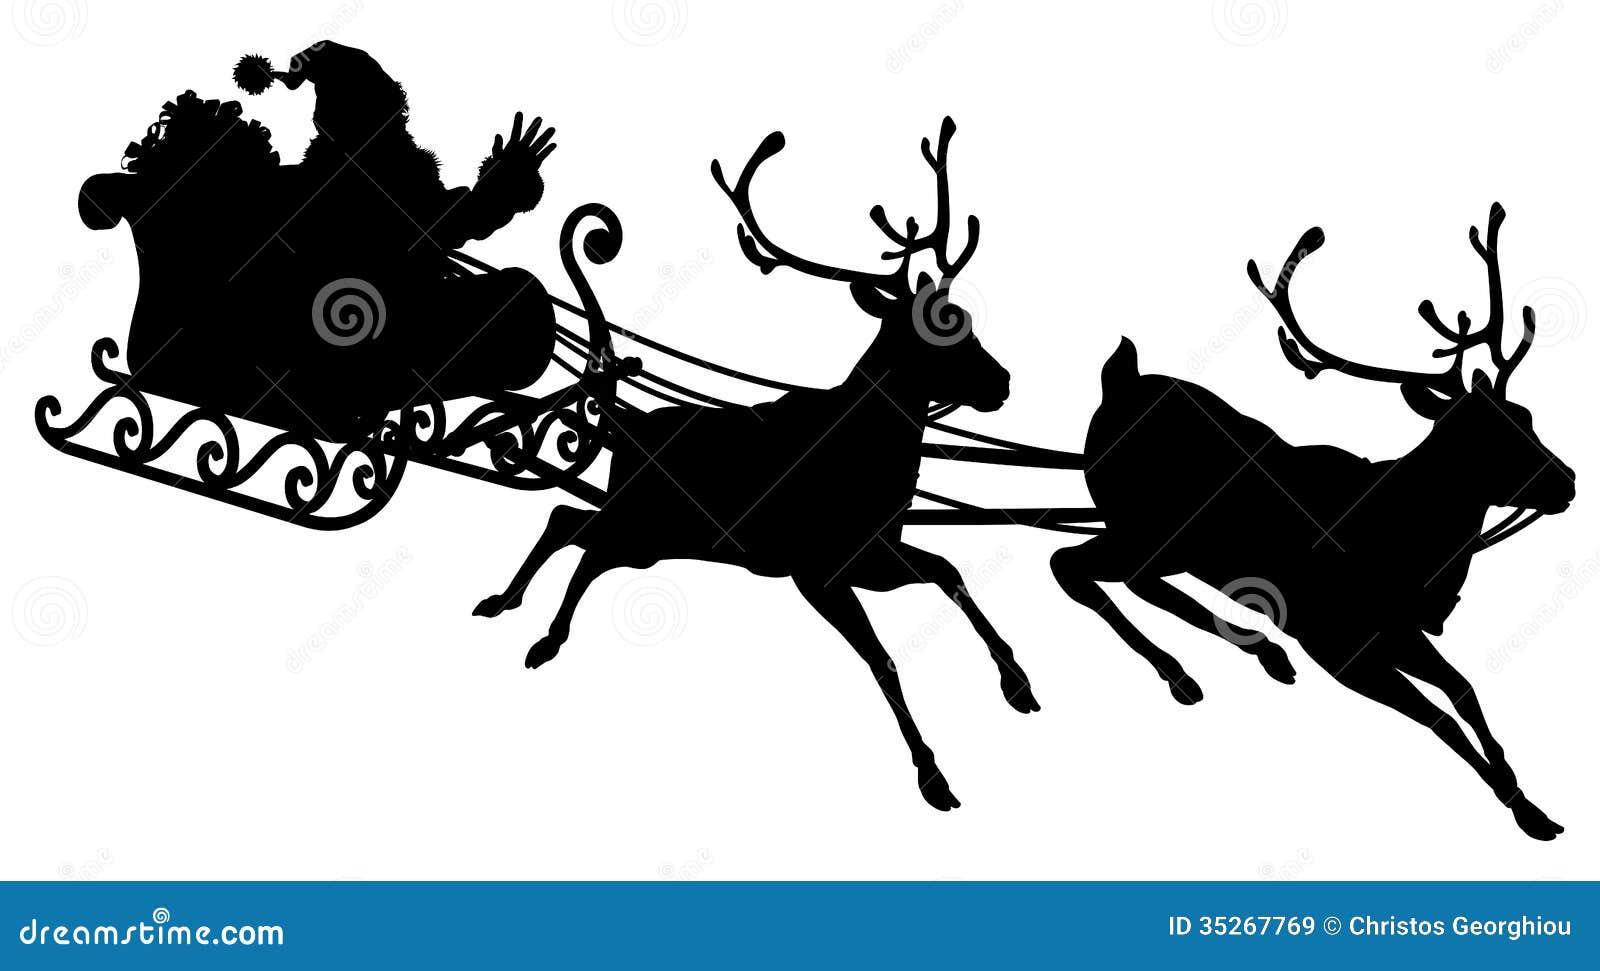 Santa Sleigh Silhouette Stock Vector Illustration Of Flying